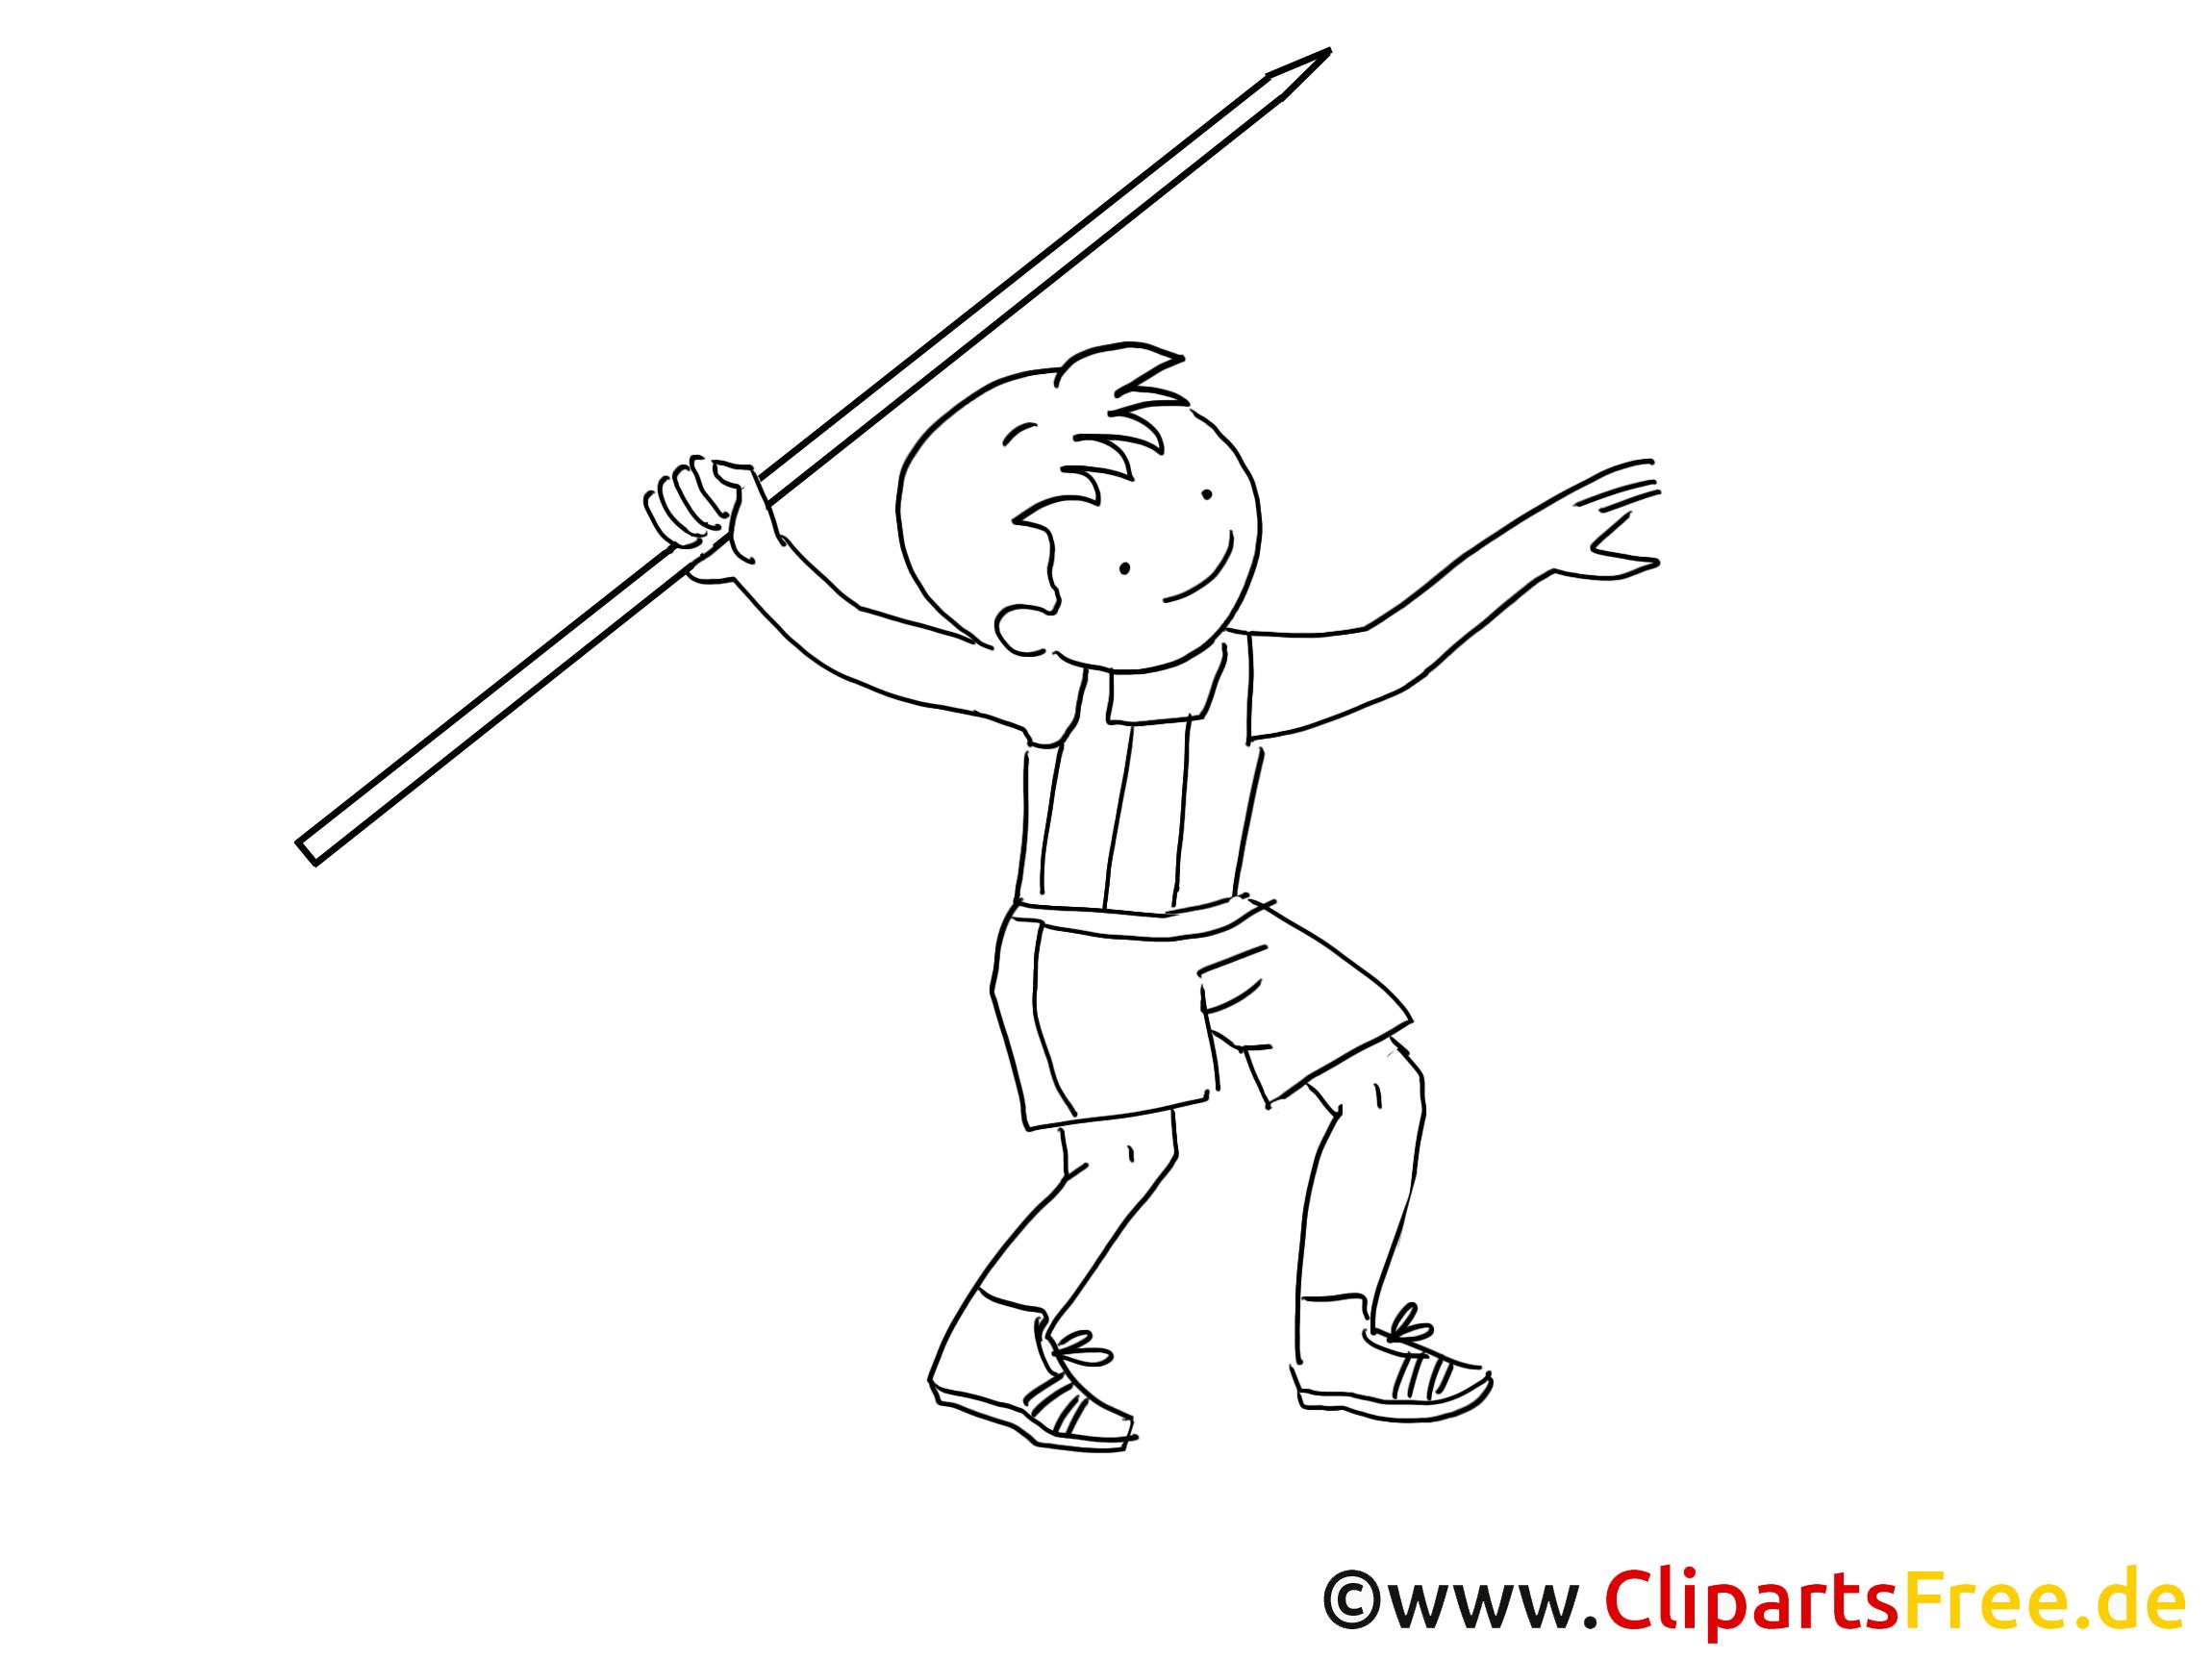 Lancer du javelot image – Sport images à colorier